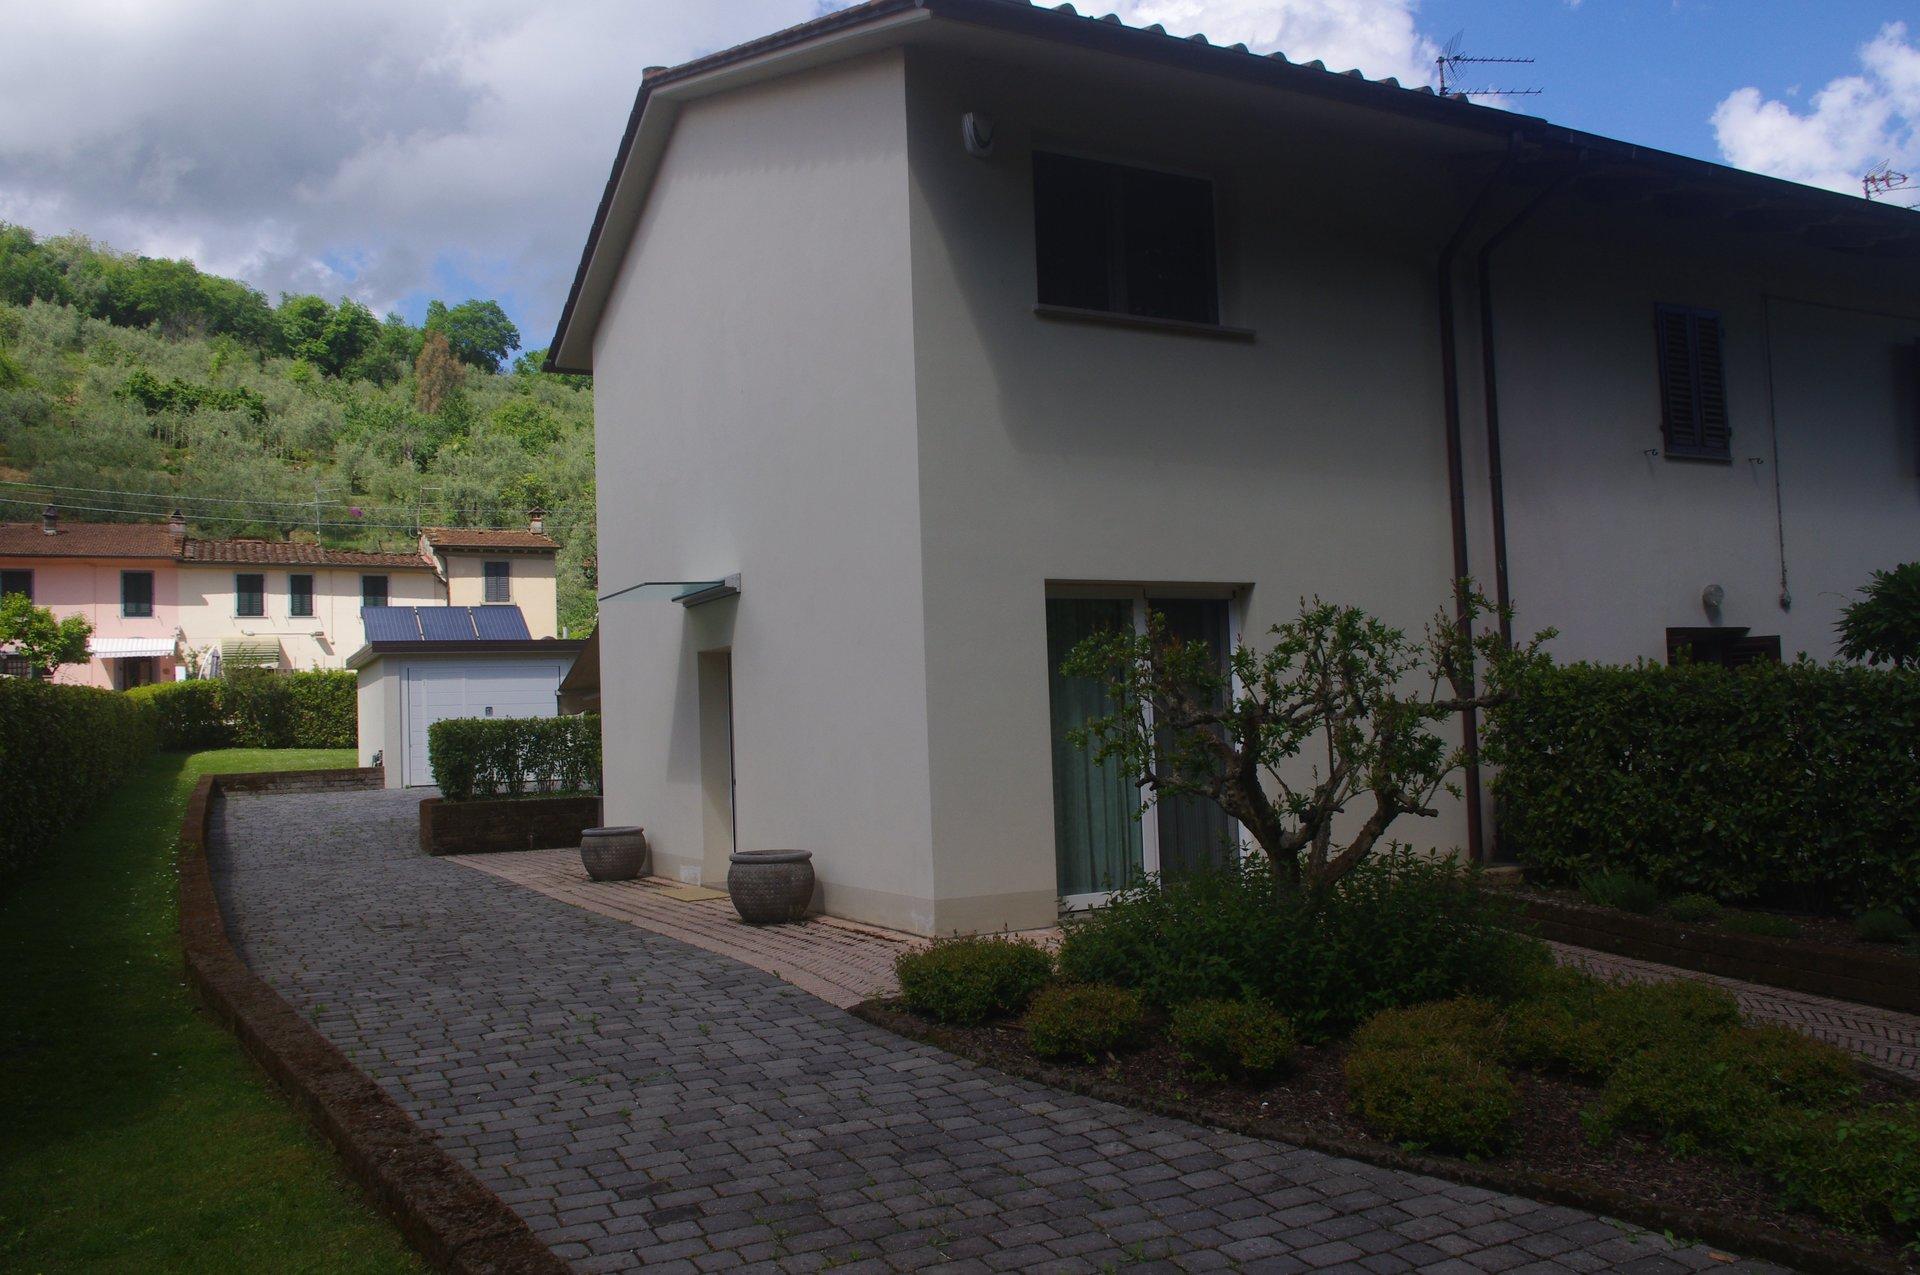 una villa con un pavimento in asfalto intorno